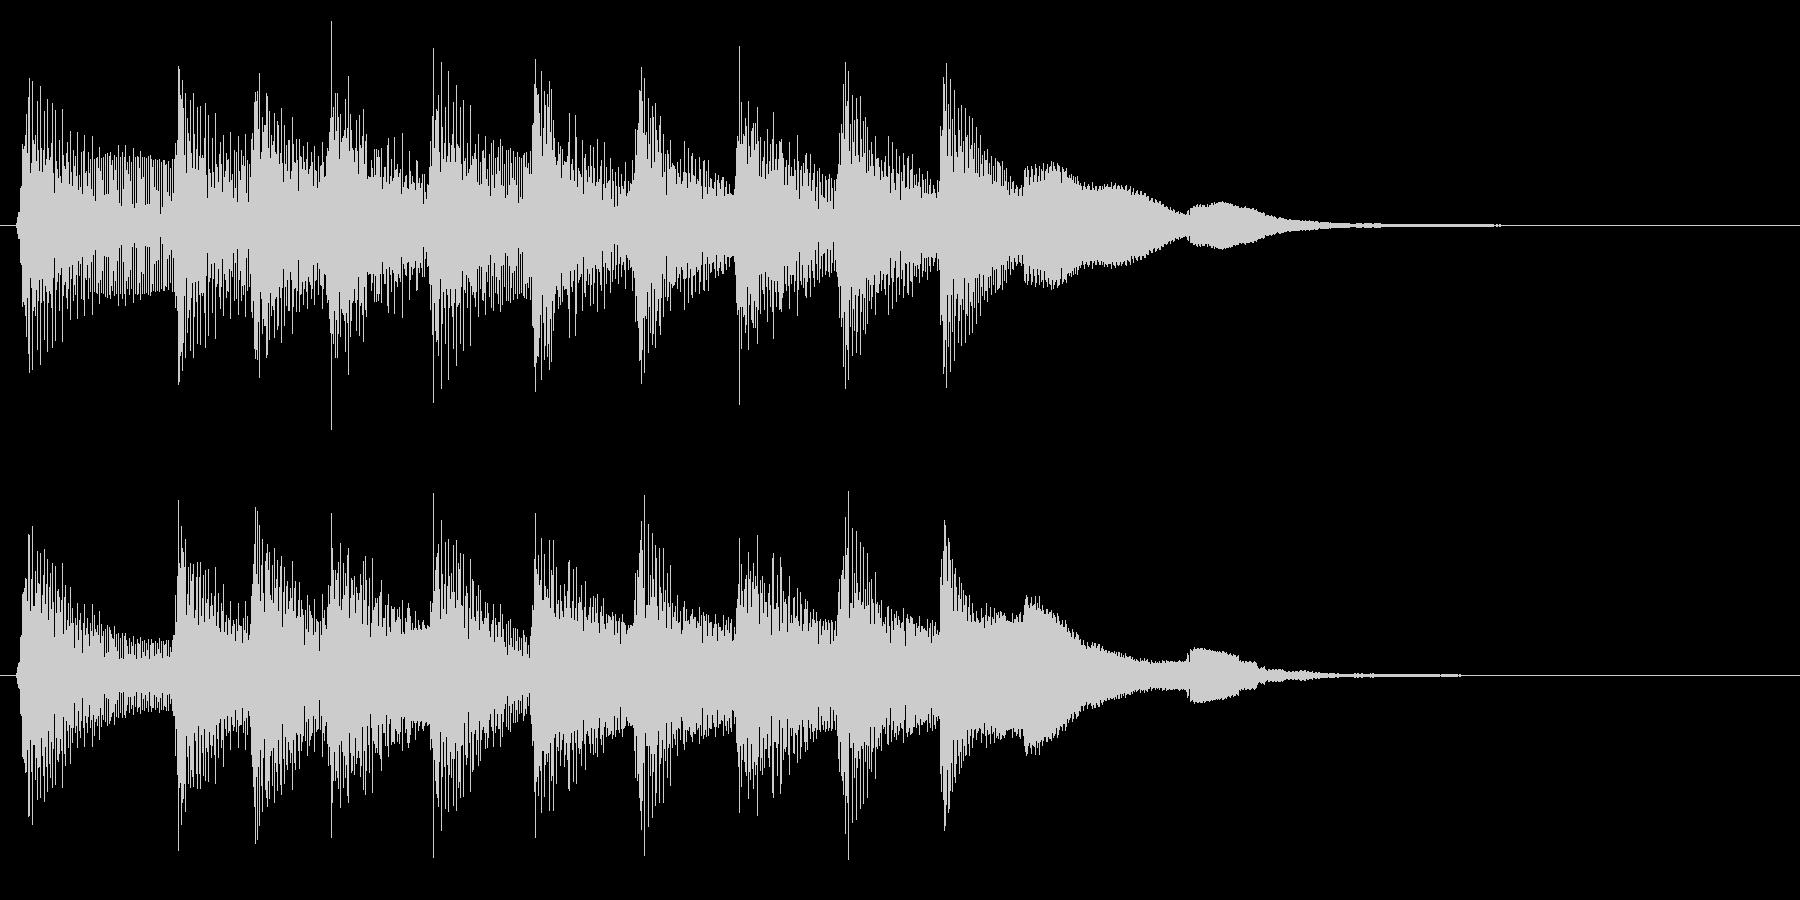 レトロな音のファンファーレ ピコピコ音の未再生の波形